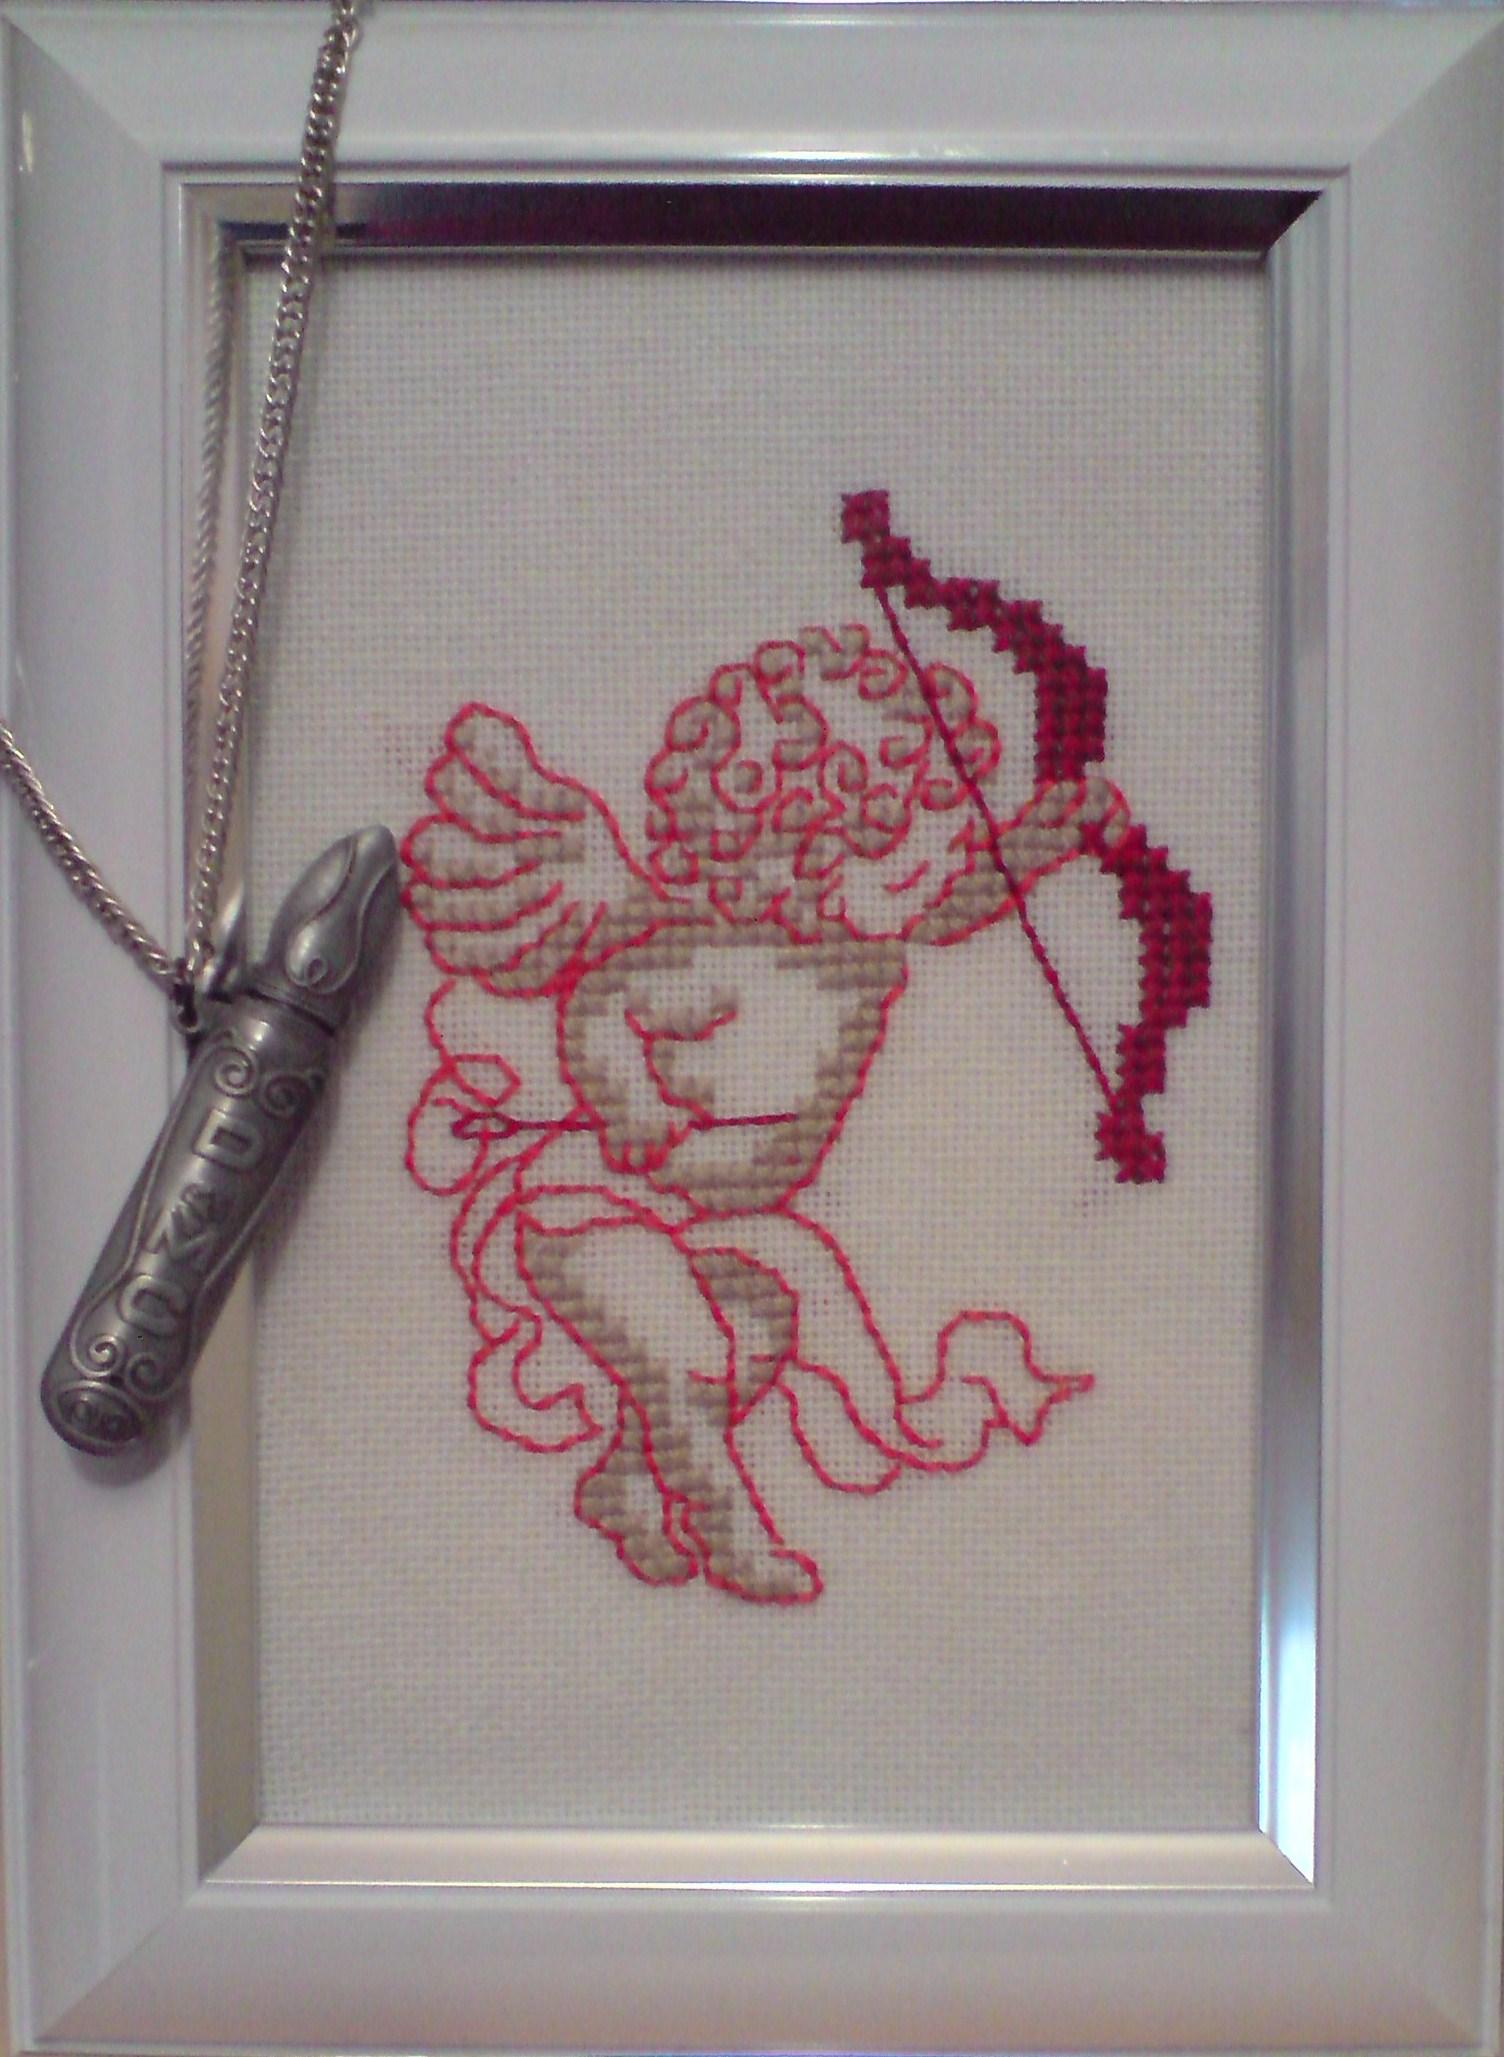 micaela gh-goblen galerie - Pagina 4 Cupidonulcusaturilor